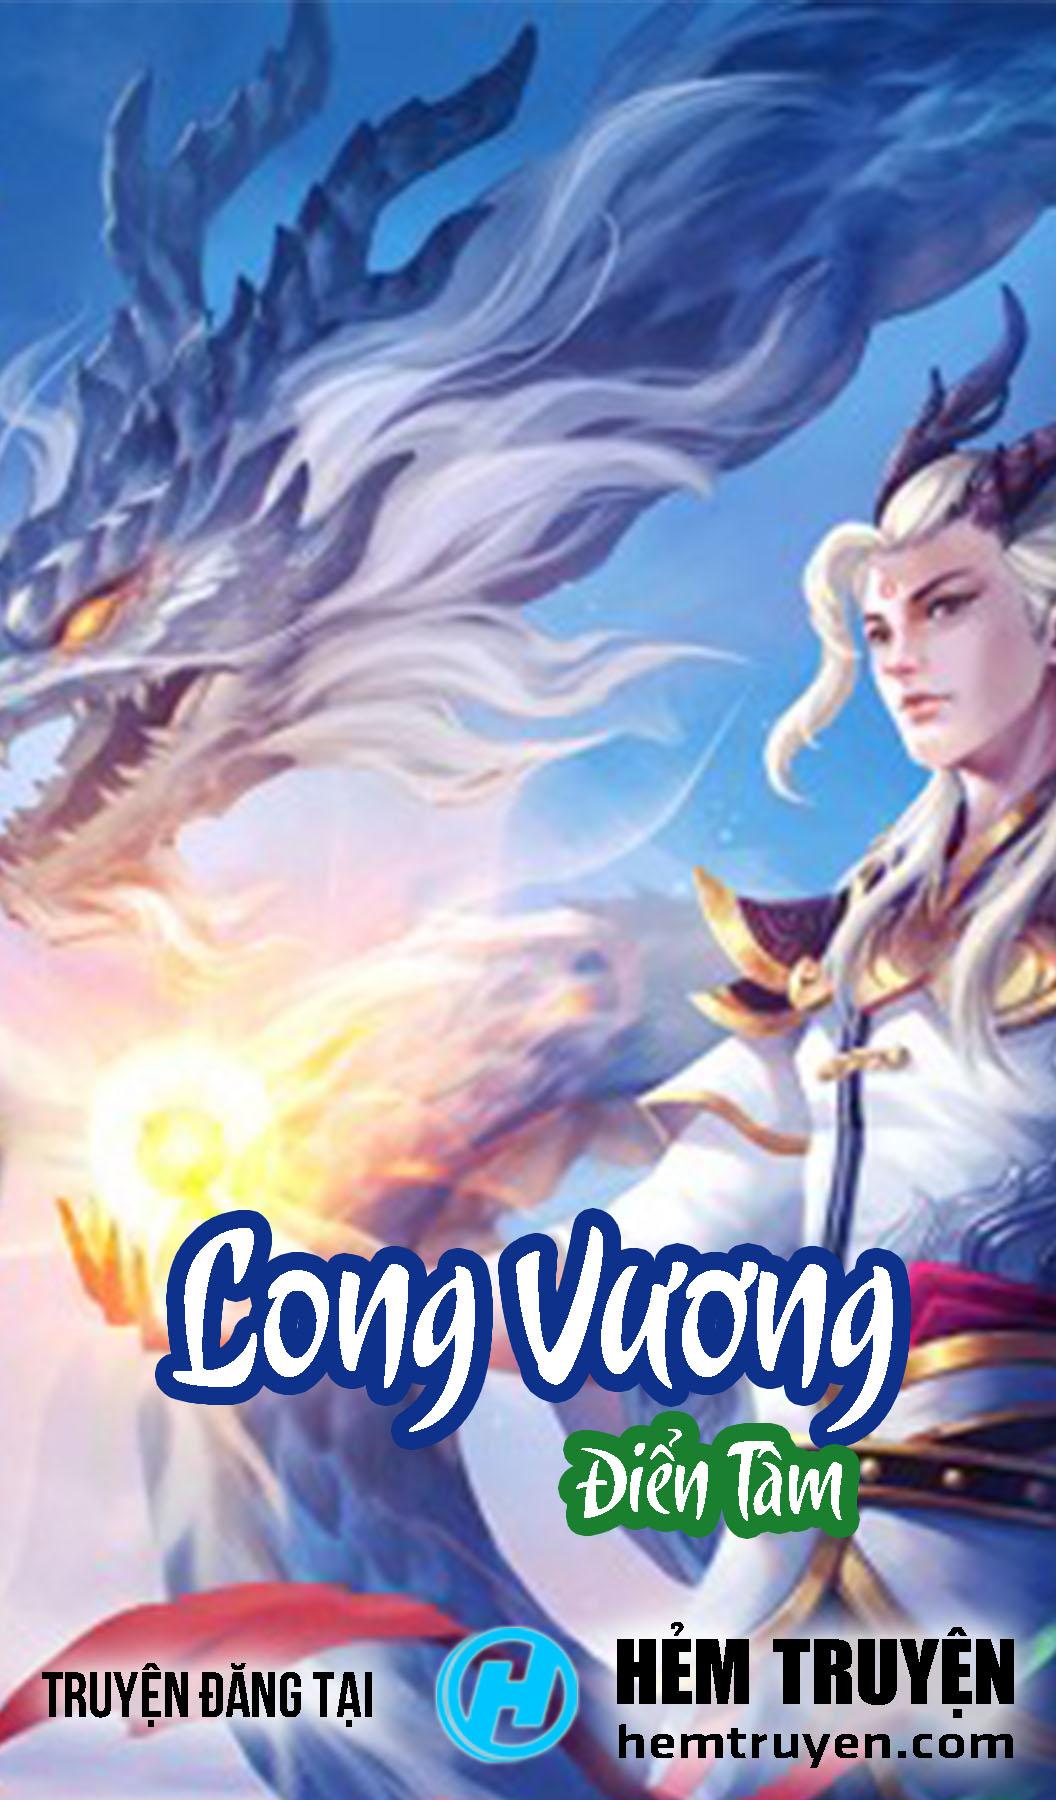 Đọc truyện Long Vương của Điển Tâm trên HEMTRUYEN.COM